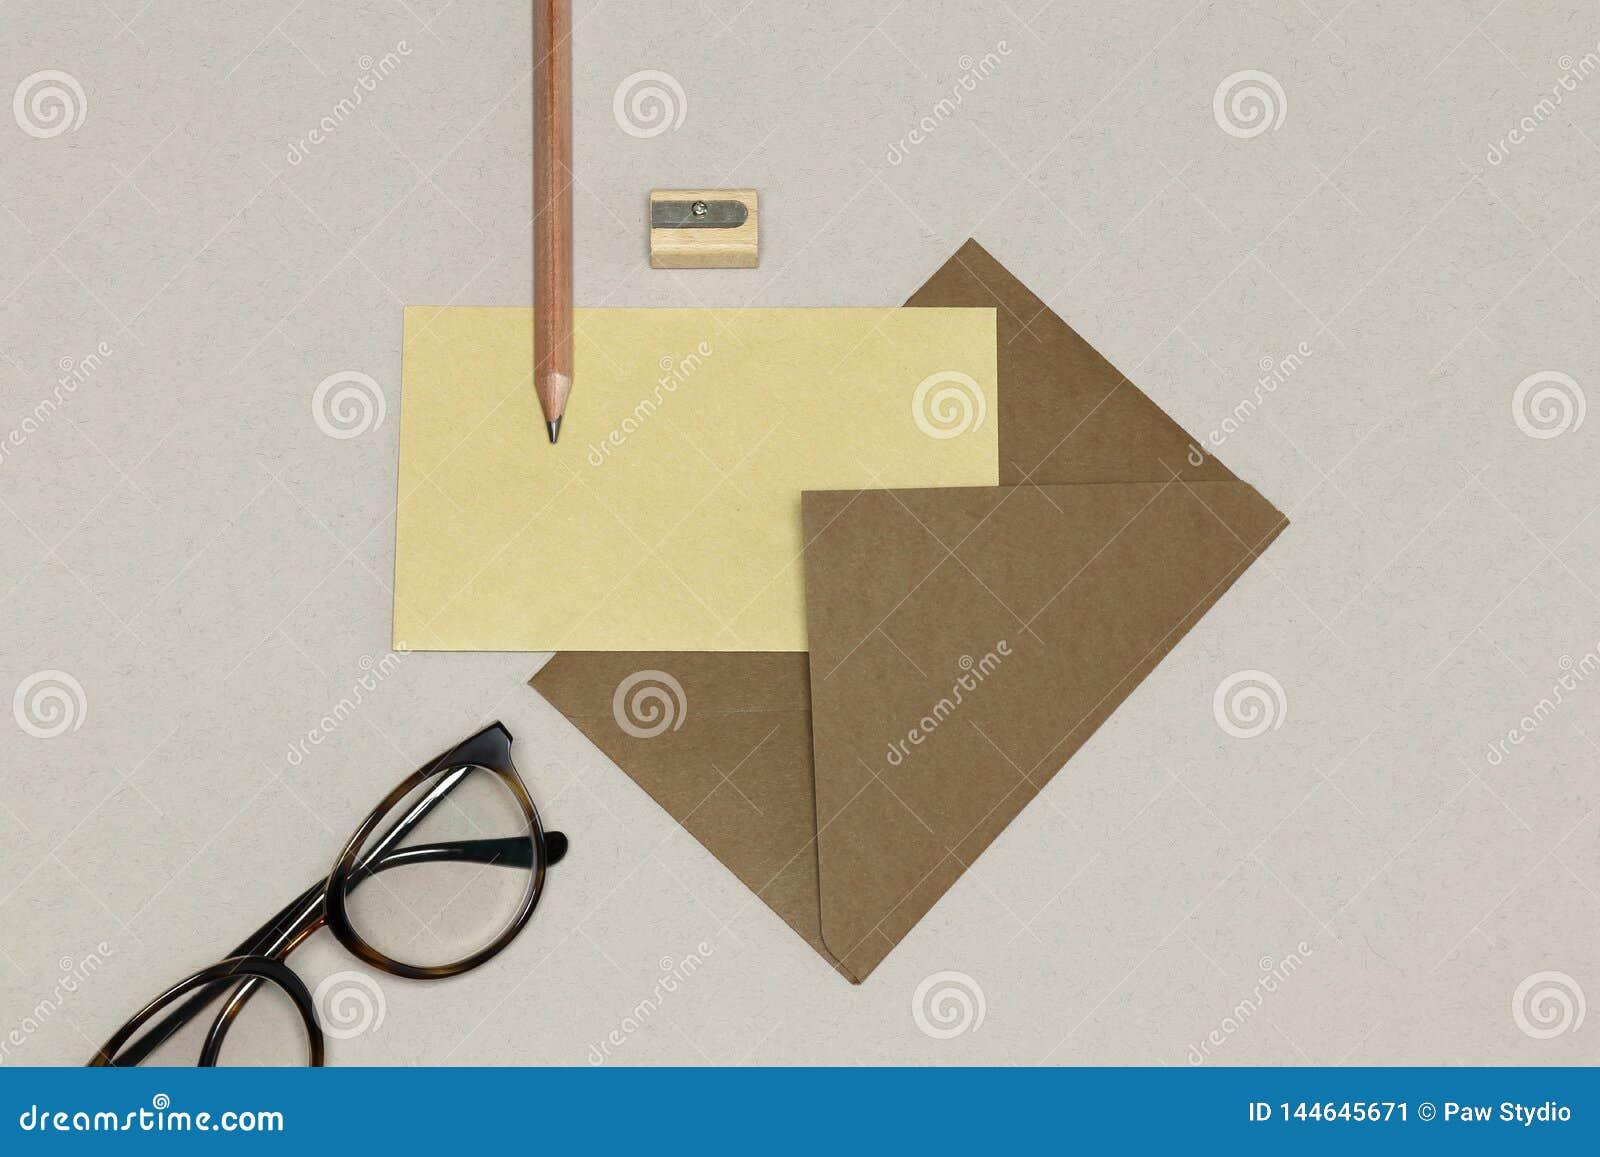 卡拉服特信封、木铅笔&磨削器,在白色纹理的眼镜